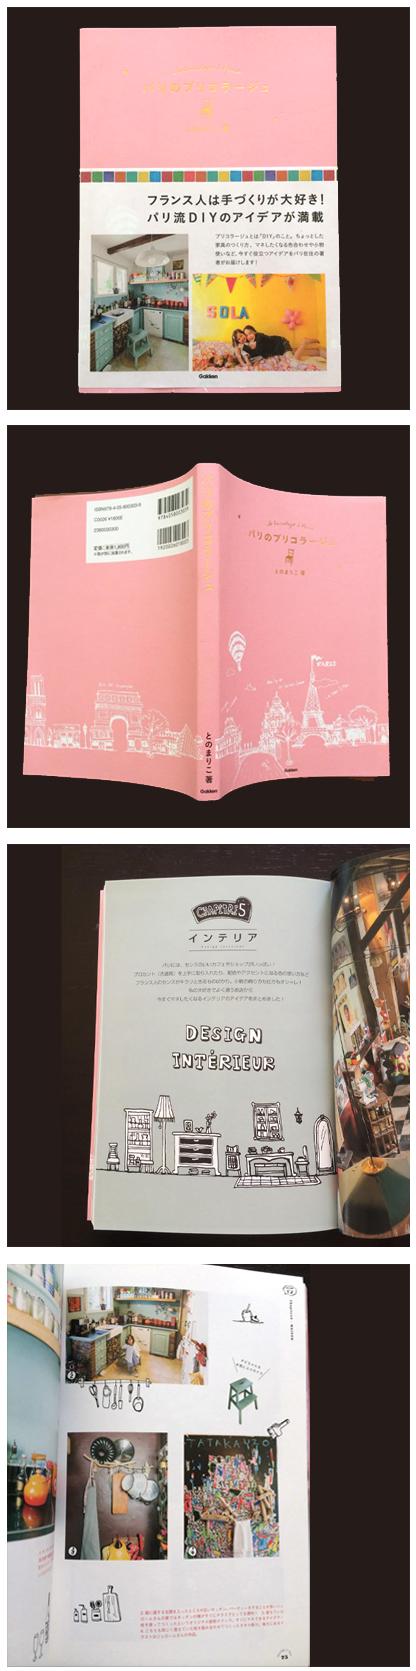 paribook